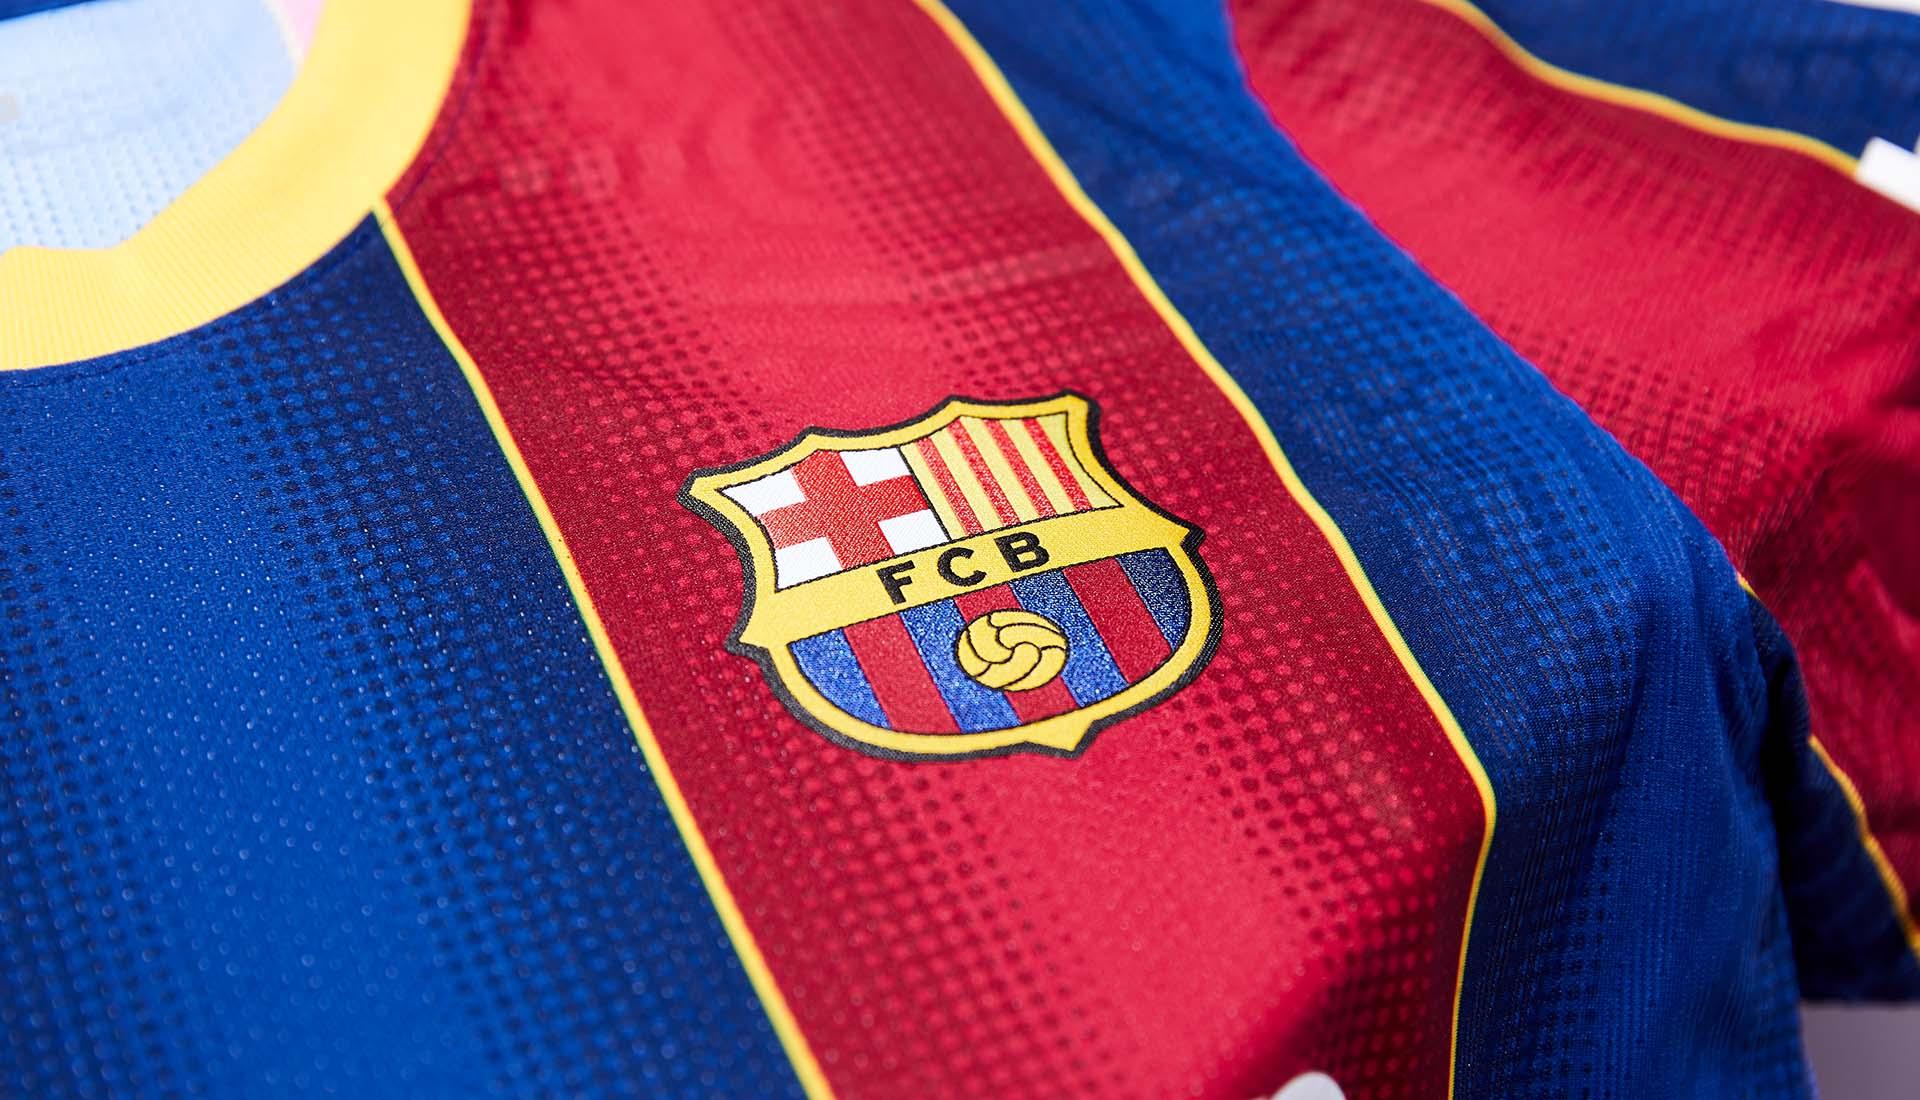 نایک رسما پیراهن اول تیم فوتبال بارسلونا را در فصل 2021 معرفی کرد